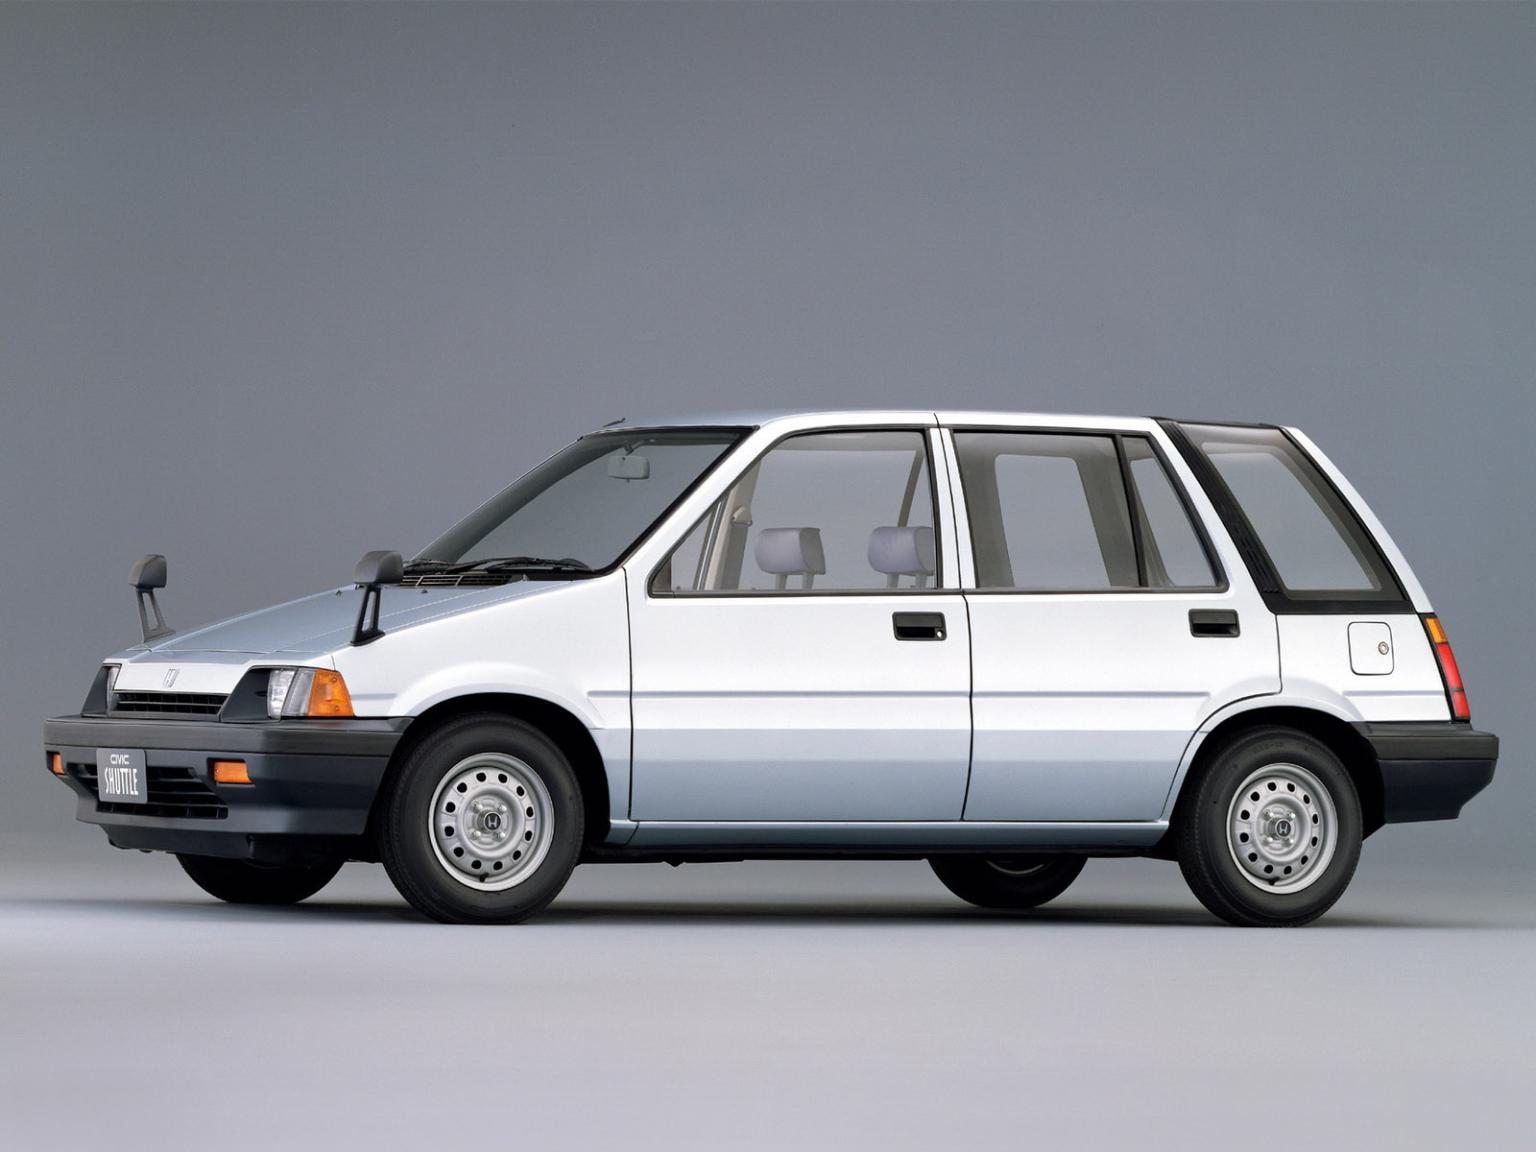 1983_Honda_Civic_Shuttle_008_2977